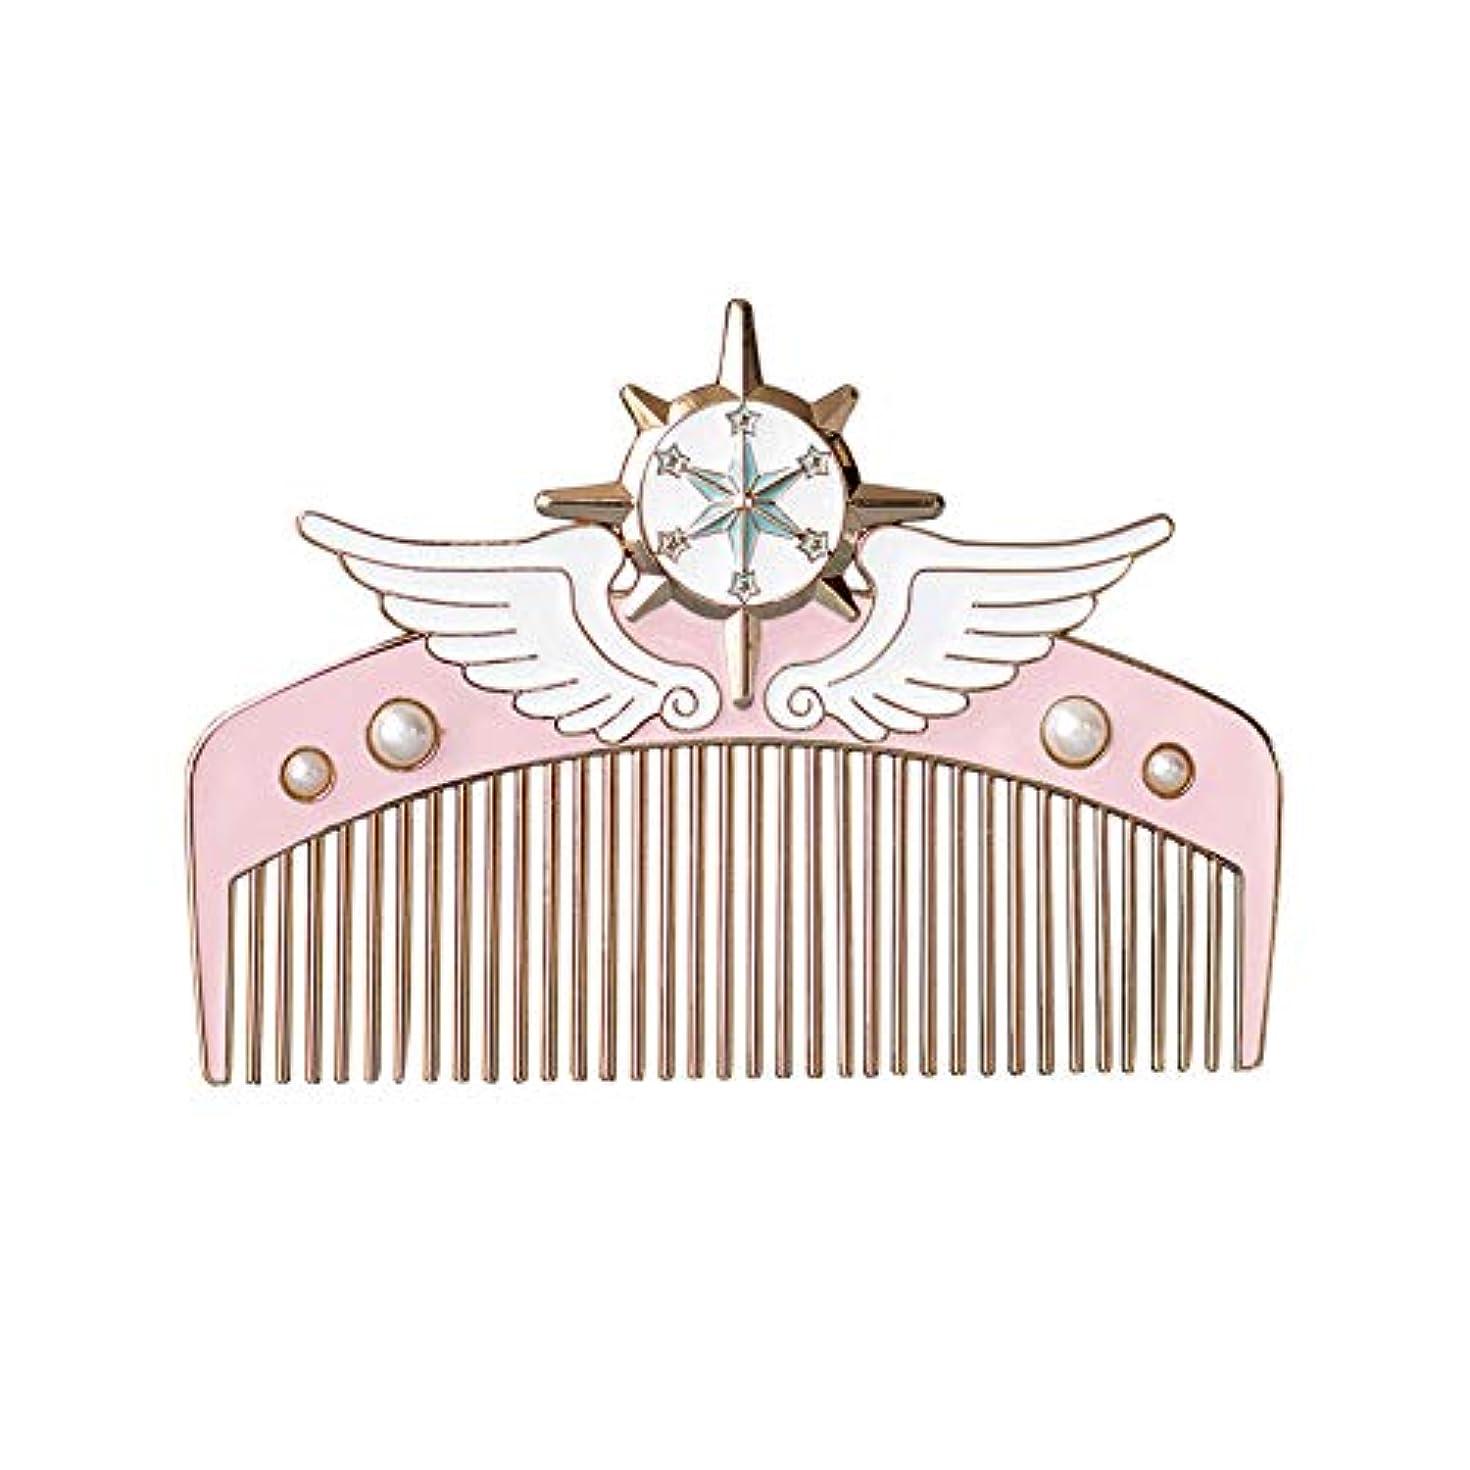 ボート多数の複合ライフ小屋 櫛 ヘアブラシ カードキャプターさくら セーラームーン 可愛い ピンク 細歯 夢の杖櫛 半月形 ヘアブラシ 子供の髪 贈り物 プレゼント